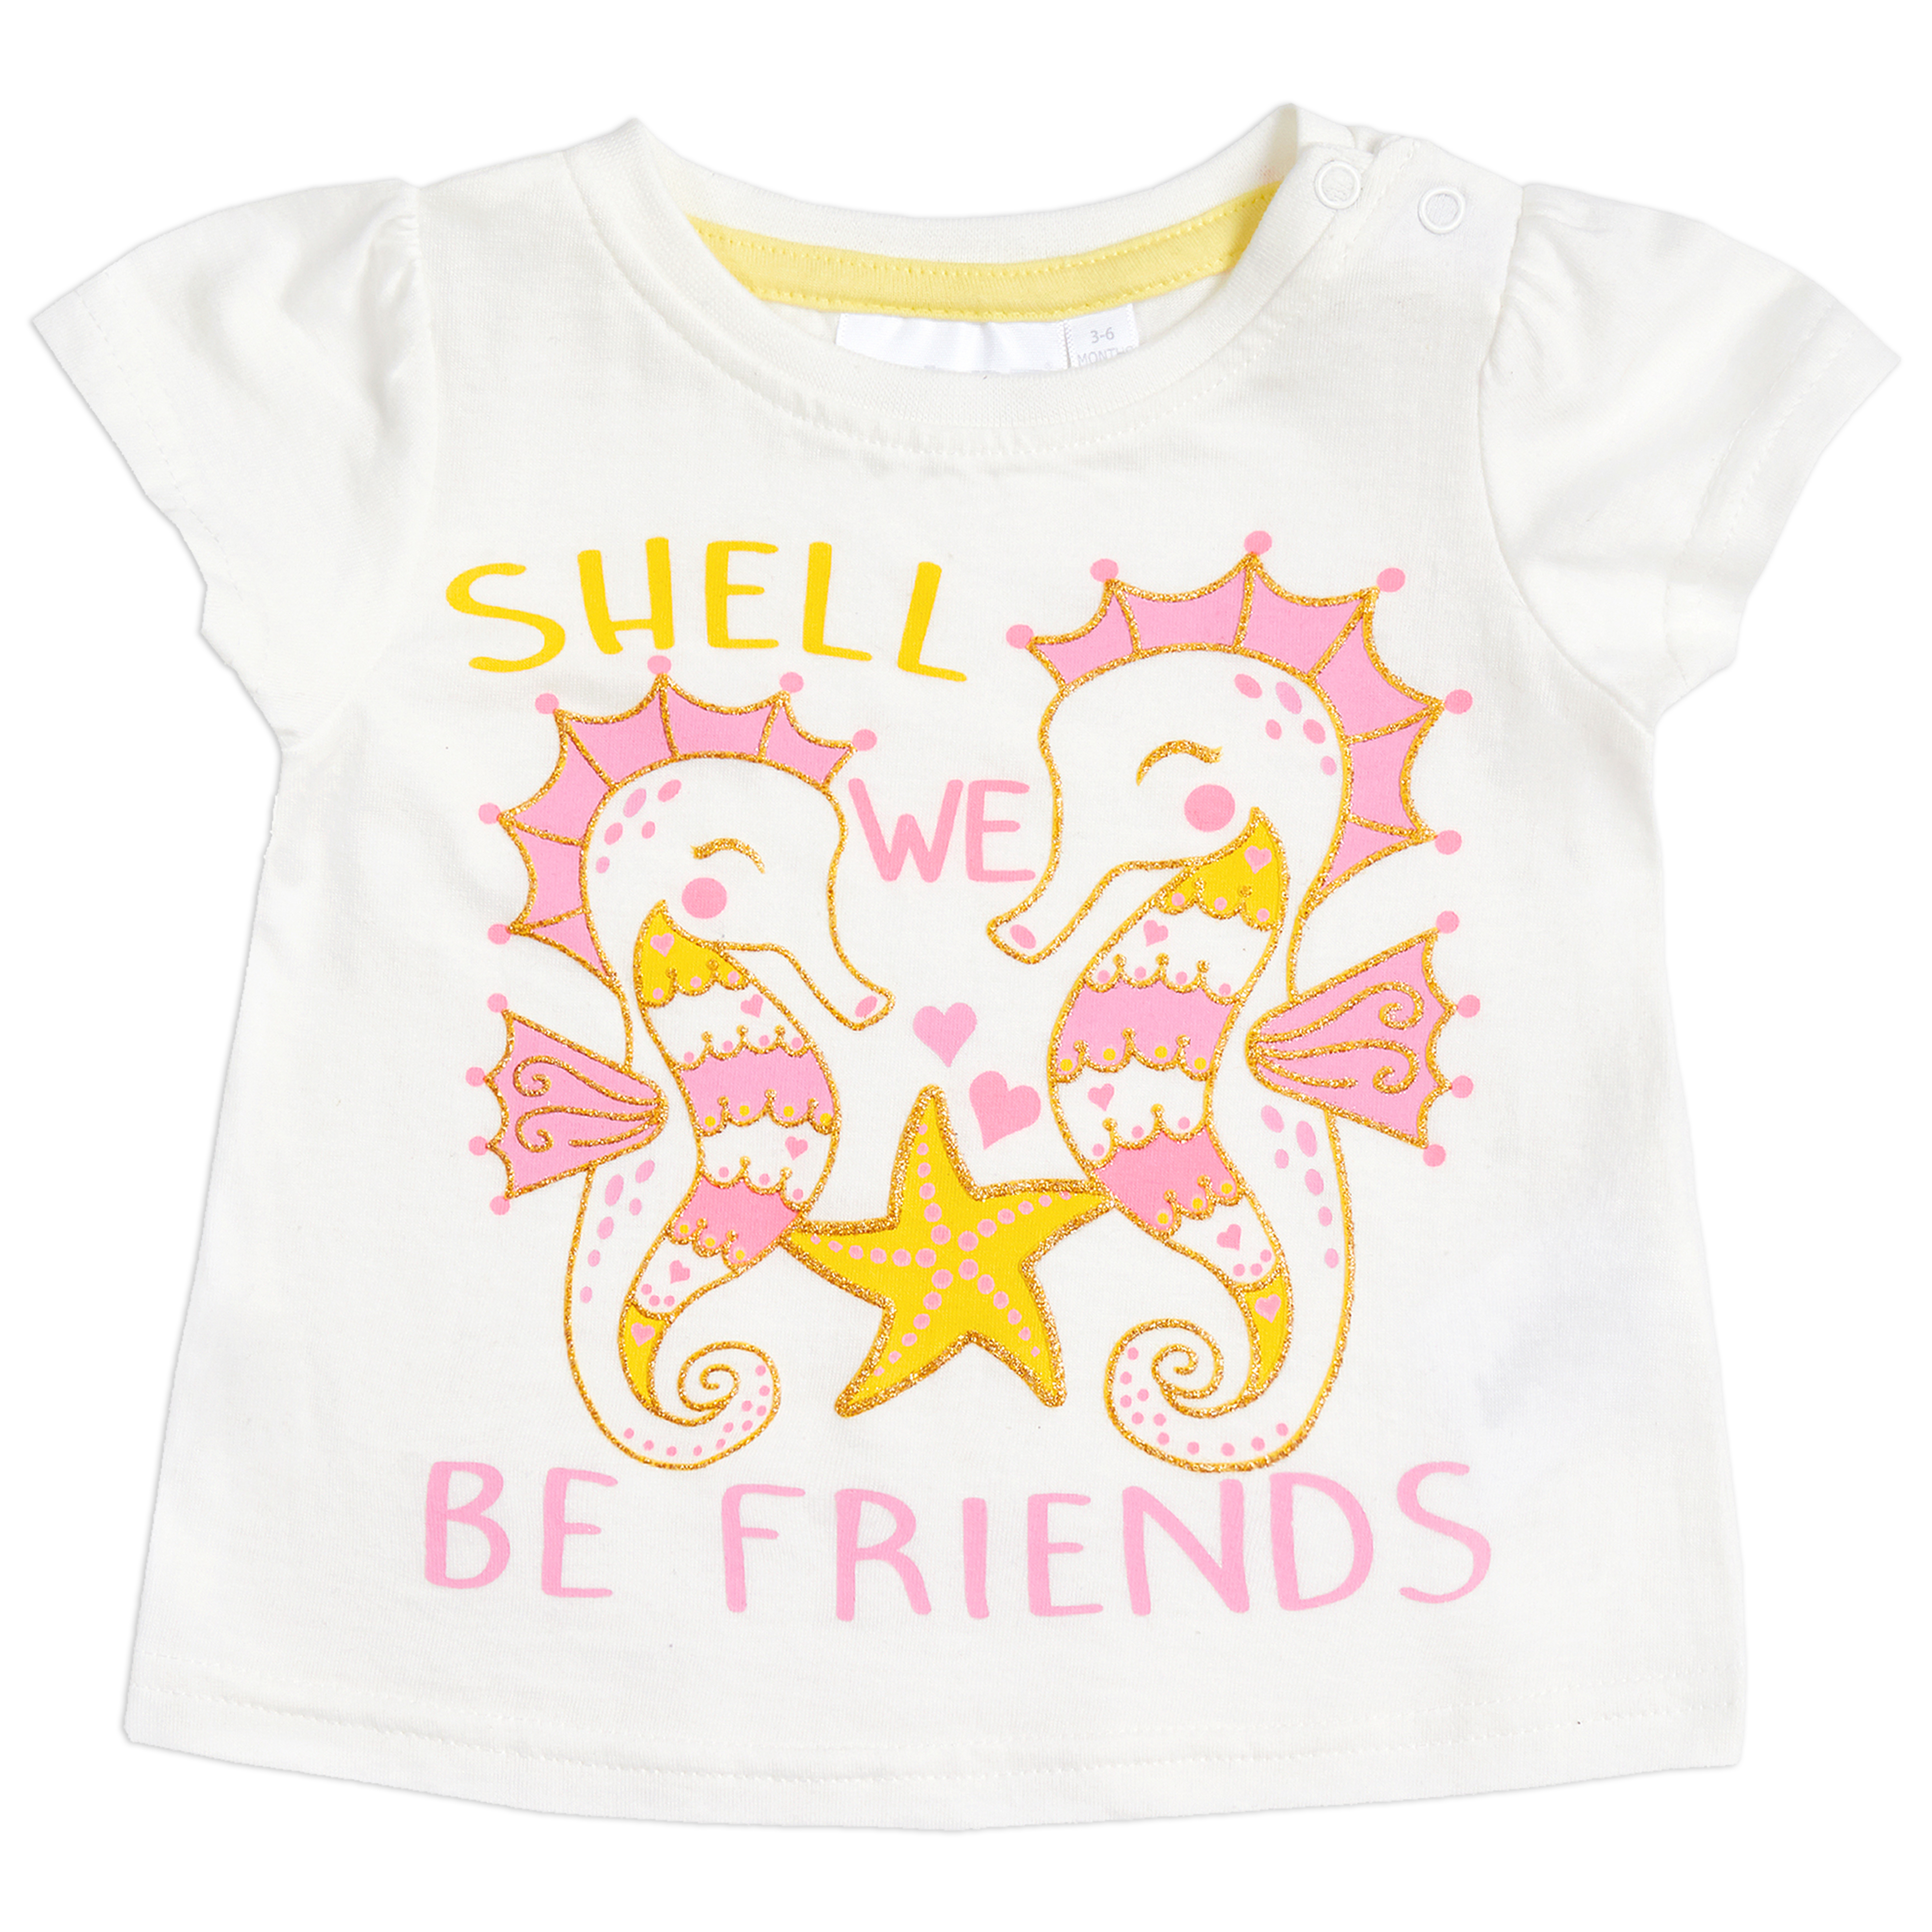 Newborn Baby Girls Nouveauté T-Shirt Coton Riche Top Poppers Imprimé Âge 3-24 mois